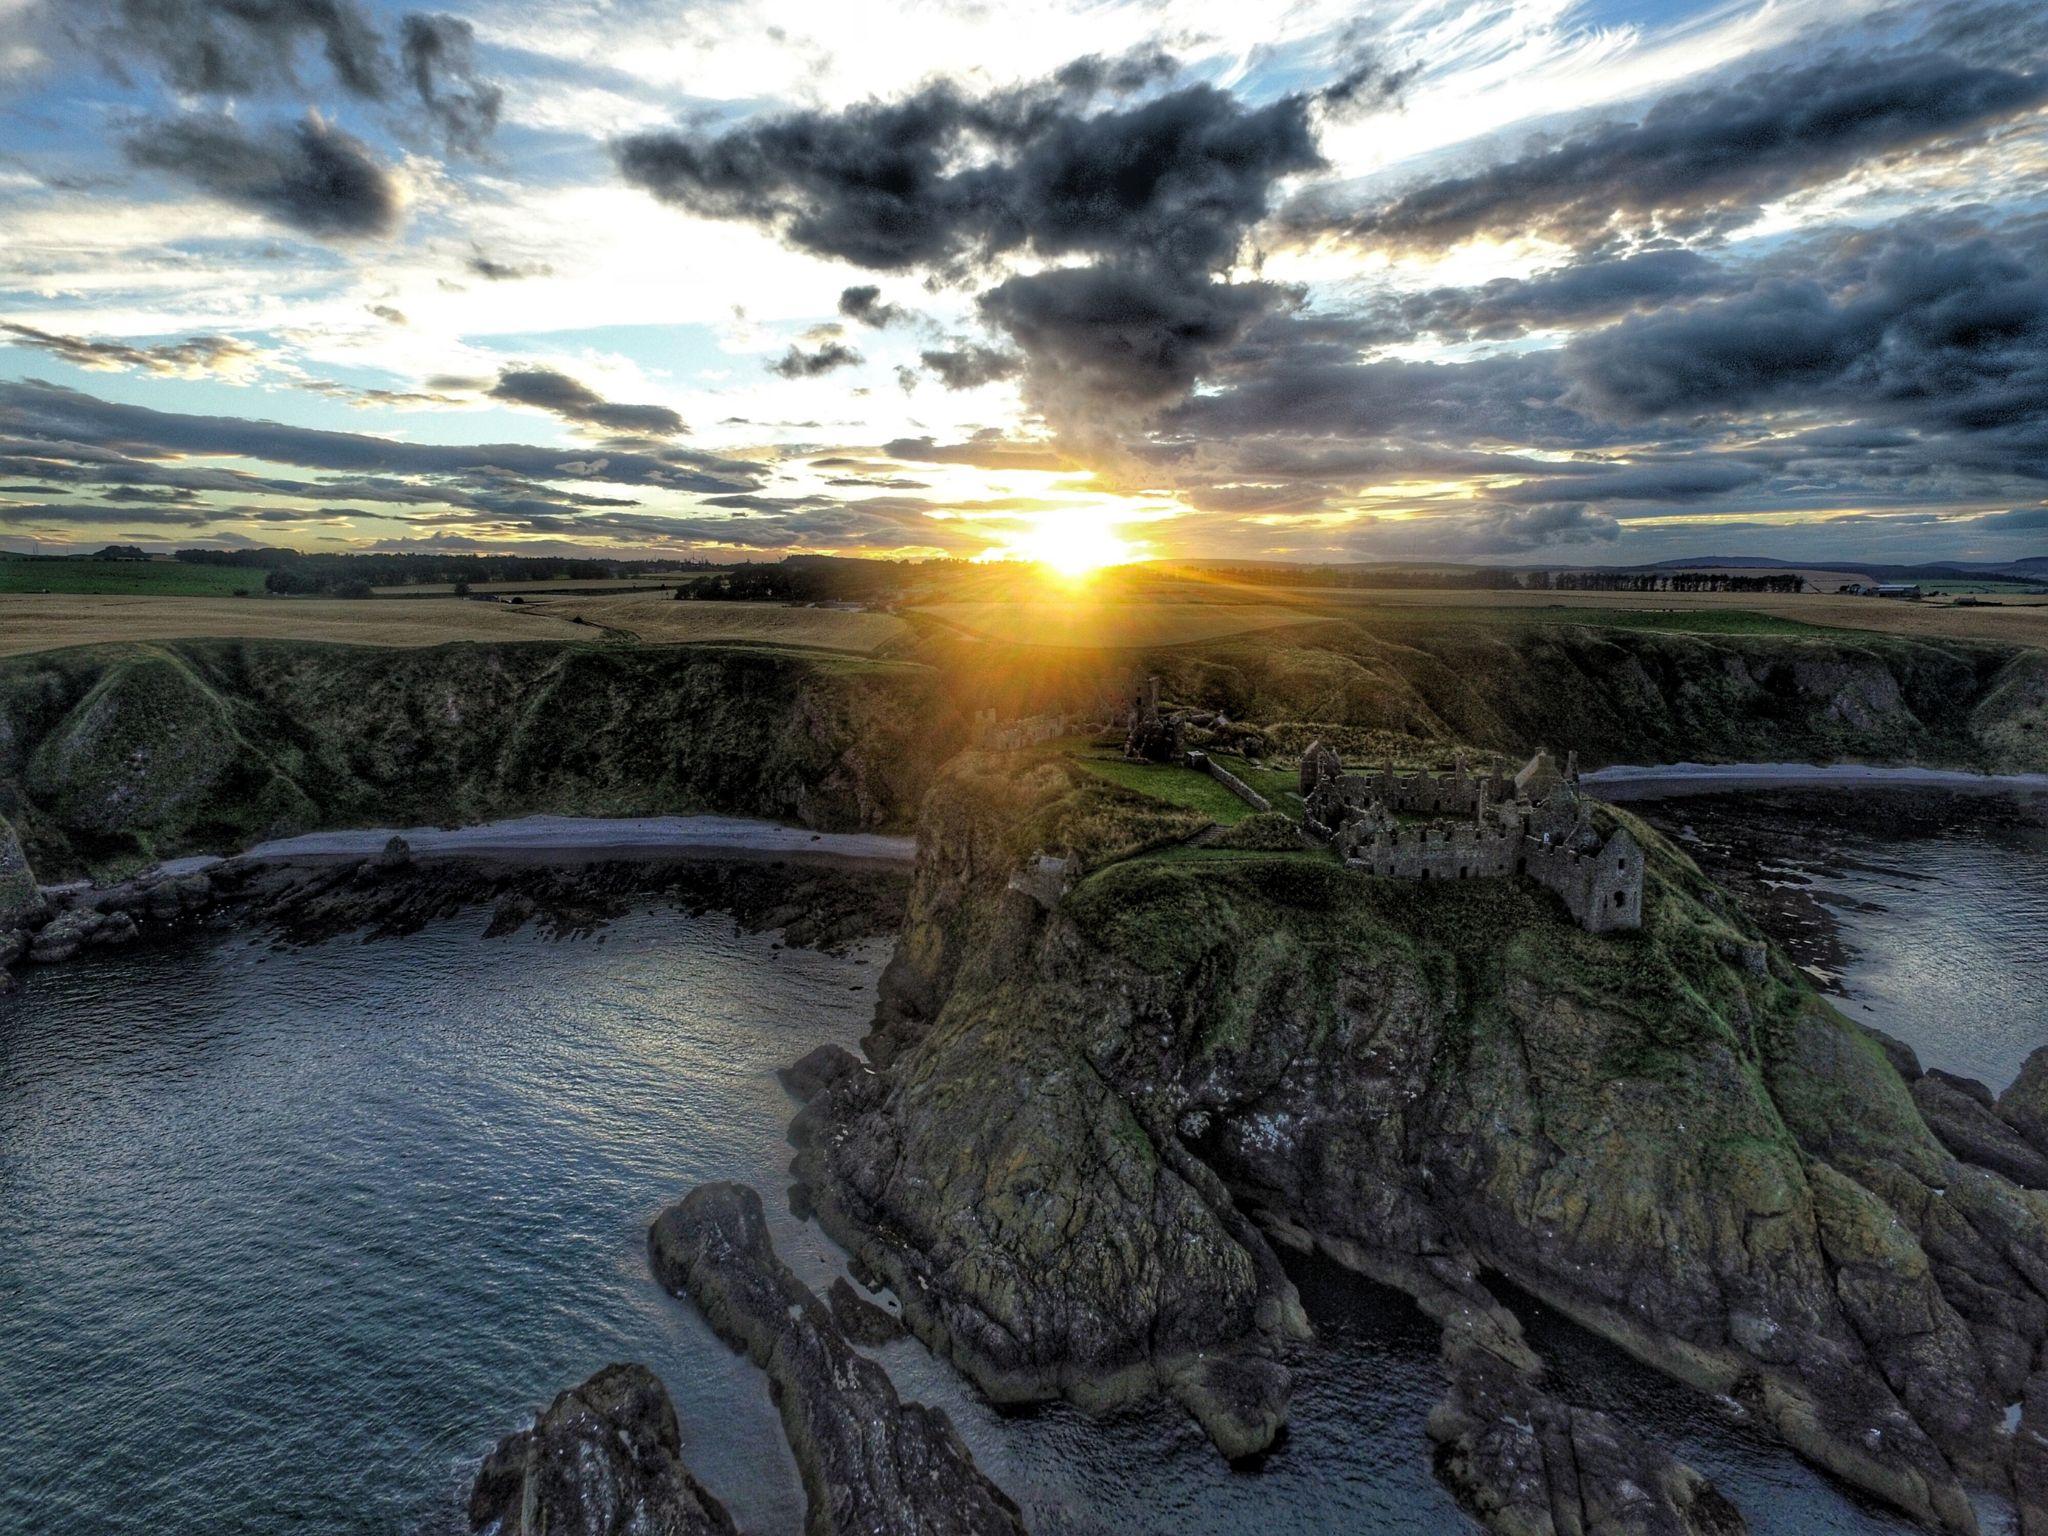 Sunset over Dunnottar Castle just outside Stonehaven on Friday 2nd September.